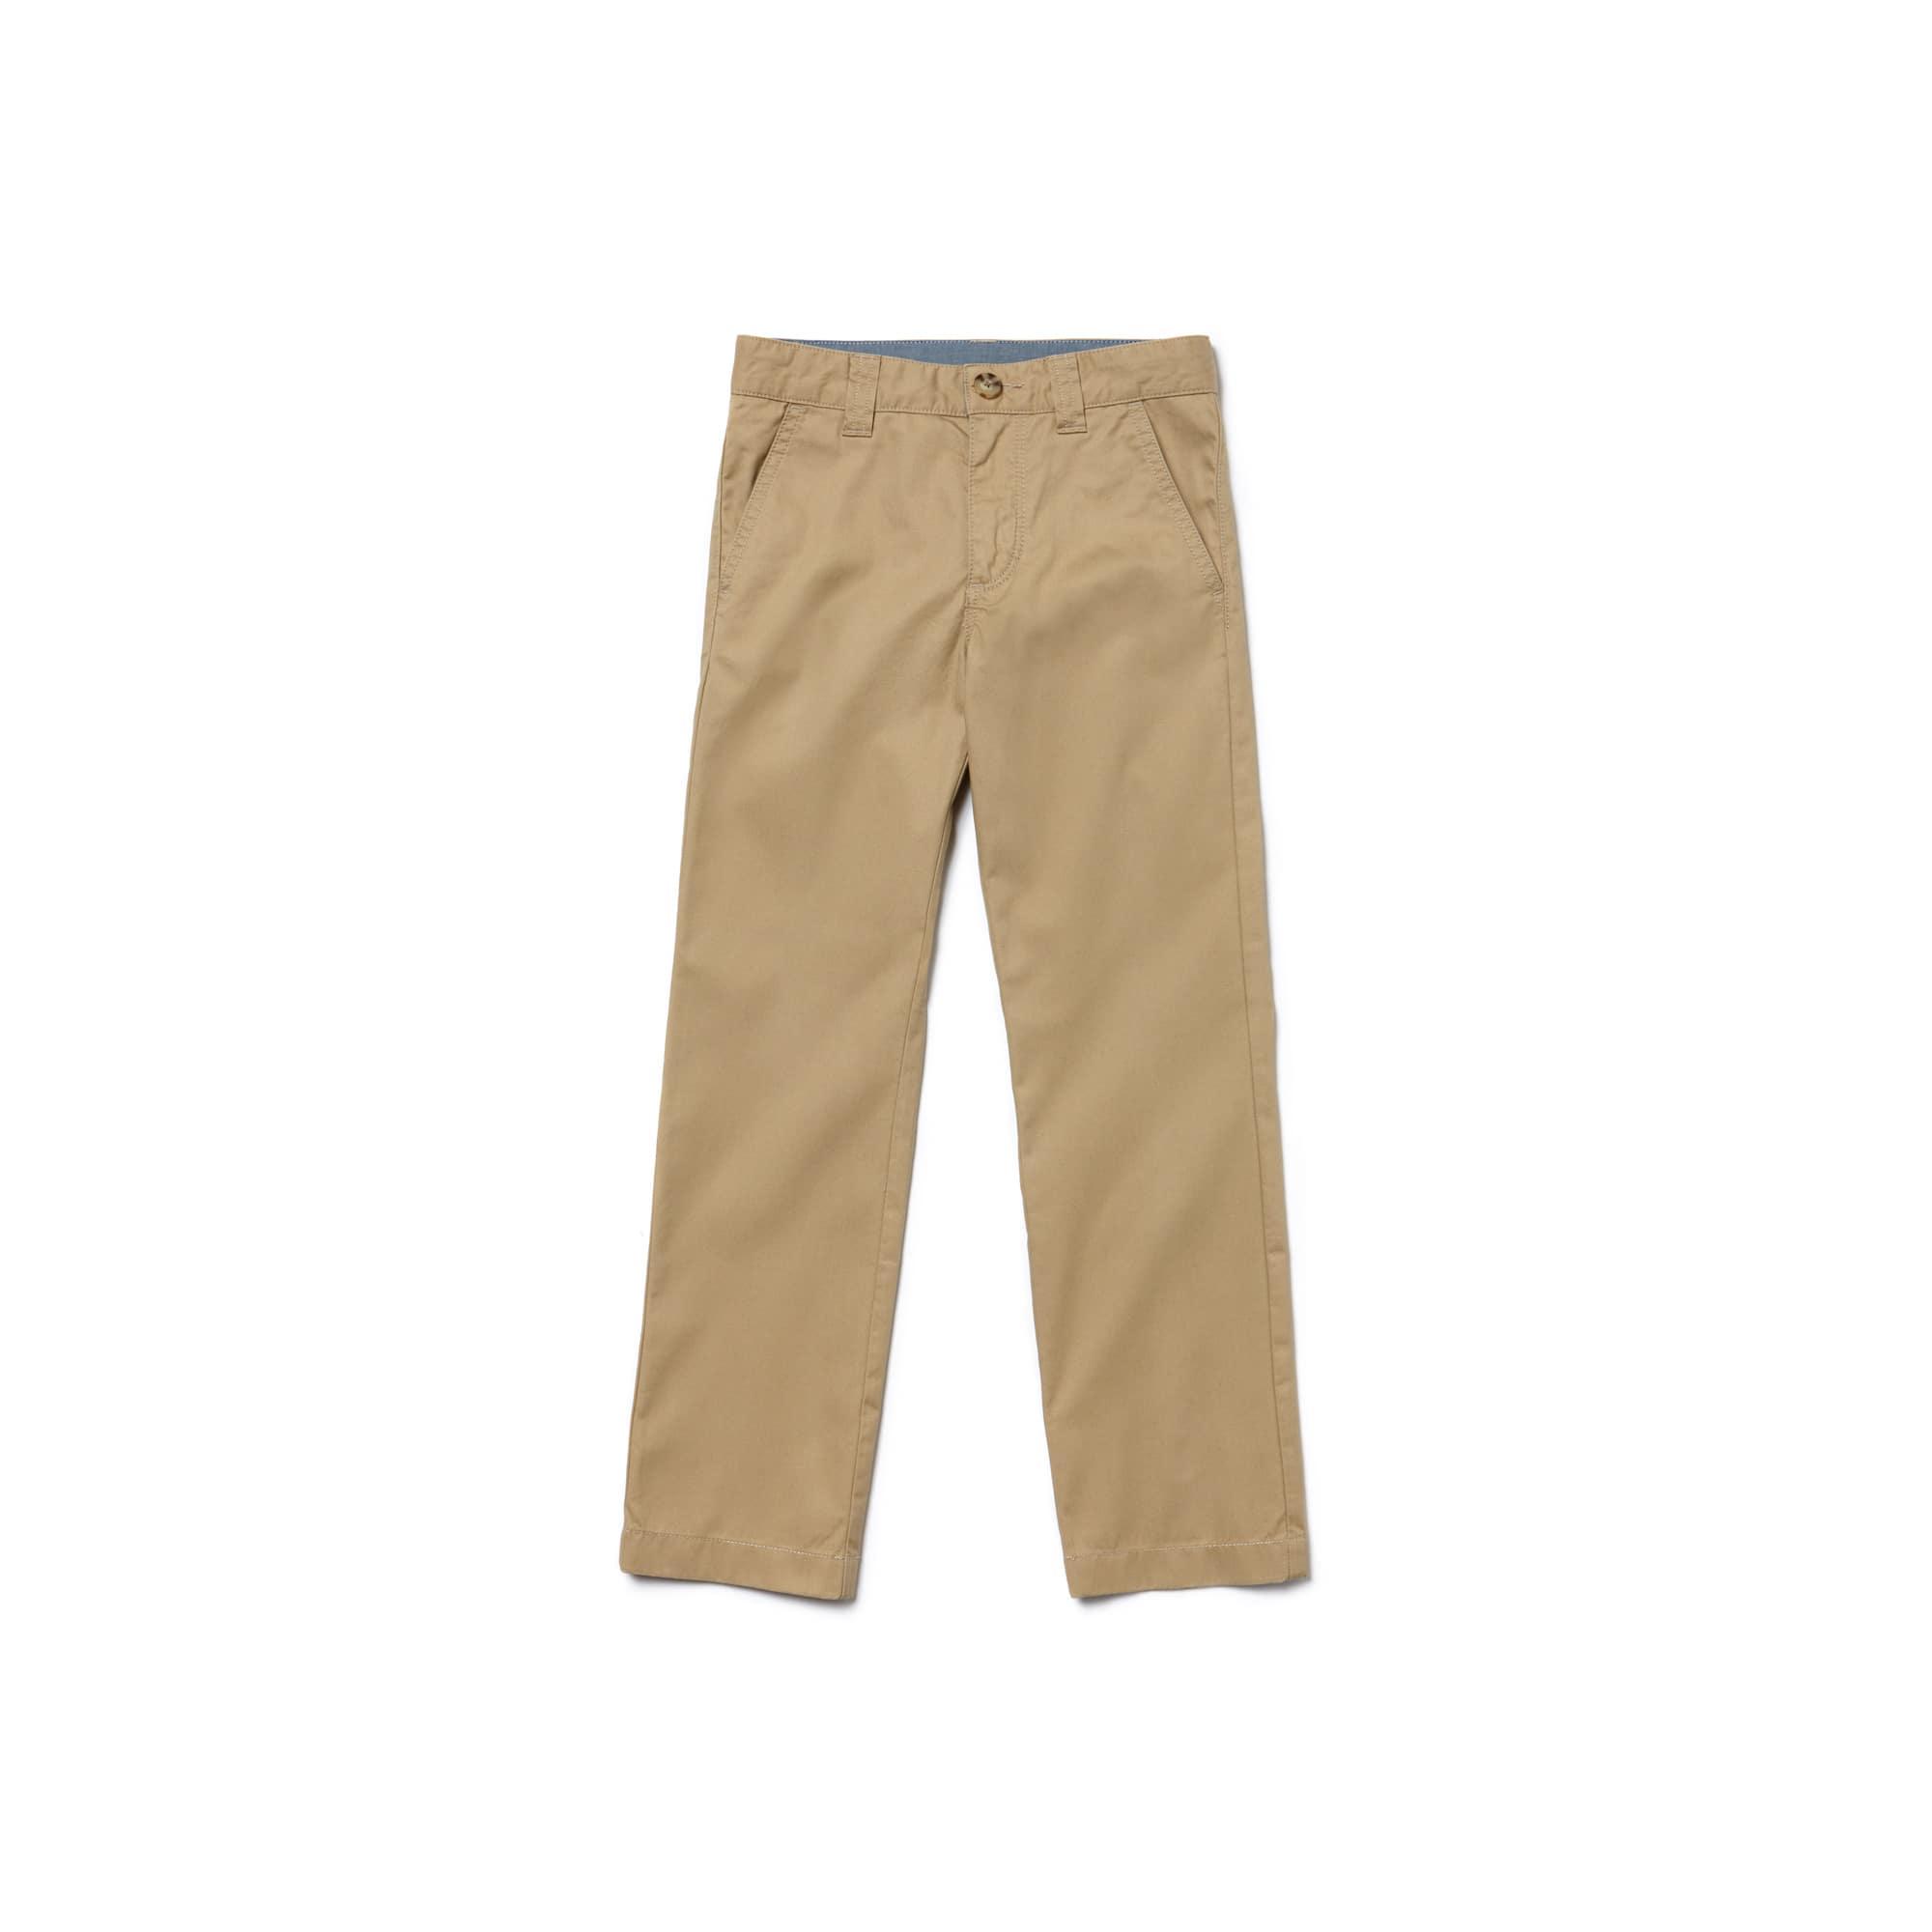 Pantaloni chino Kids in gabardine di cotone colorato